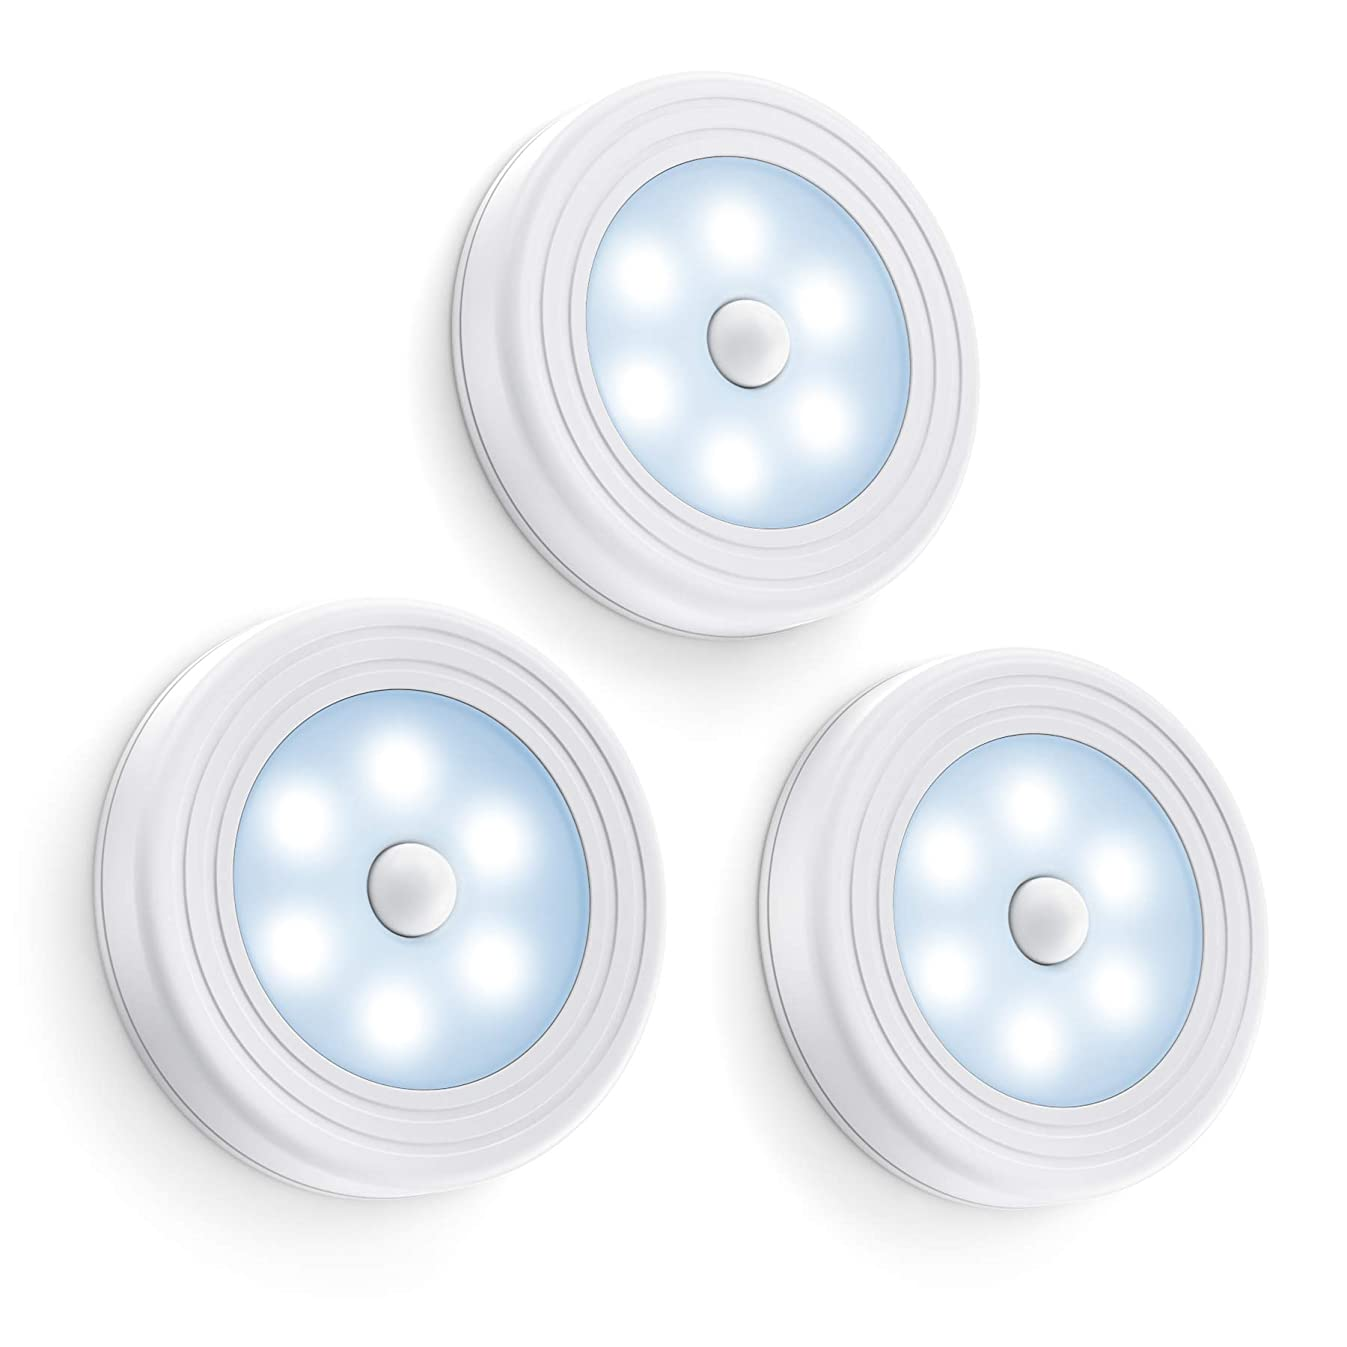 Vont 5841853945 Motion Sensor Light, White, 3 Pieces